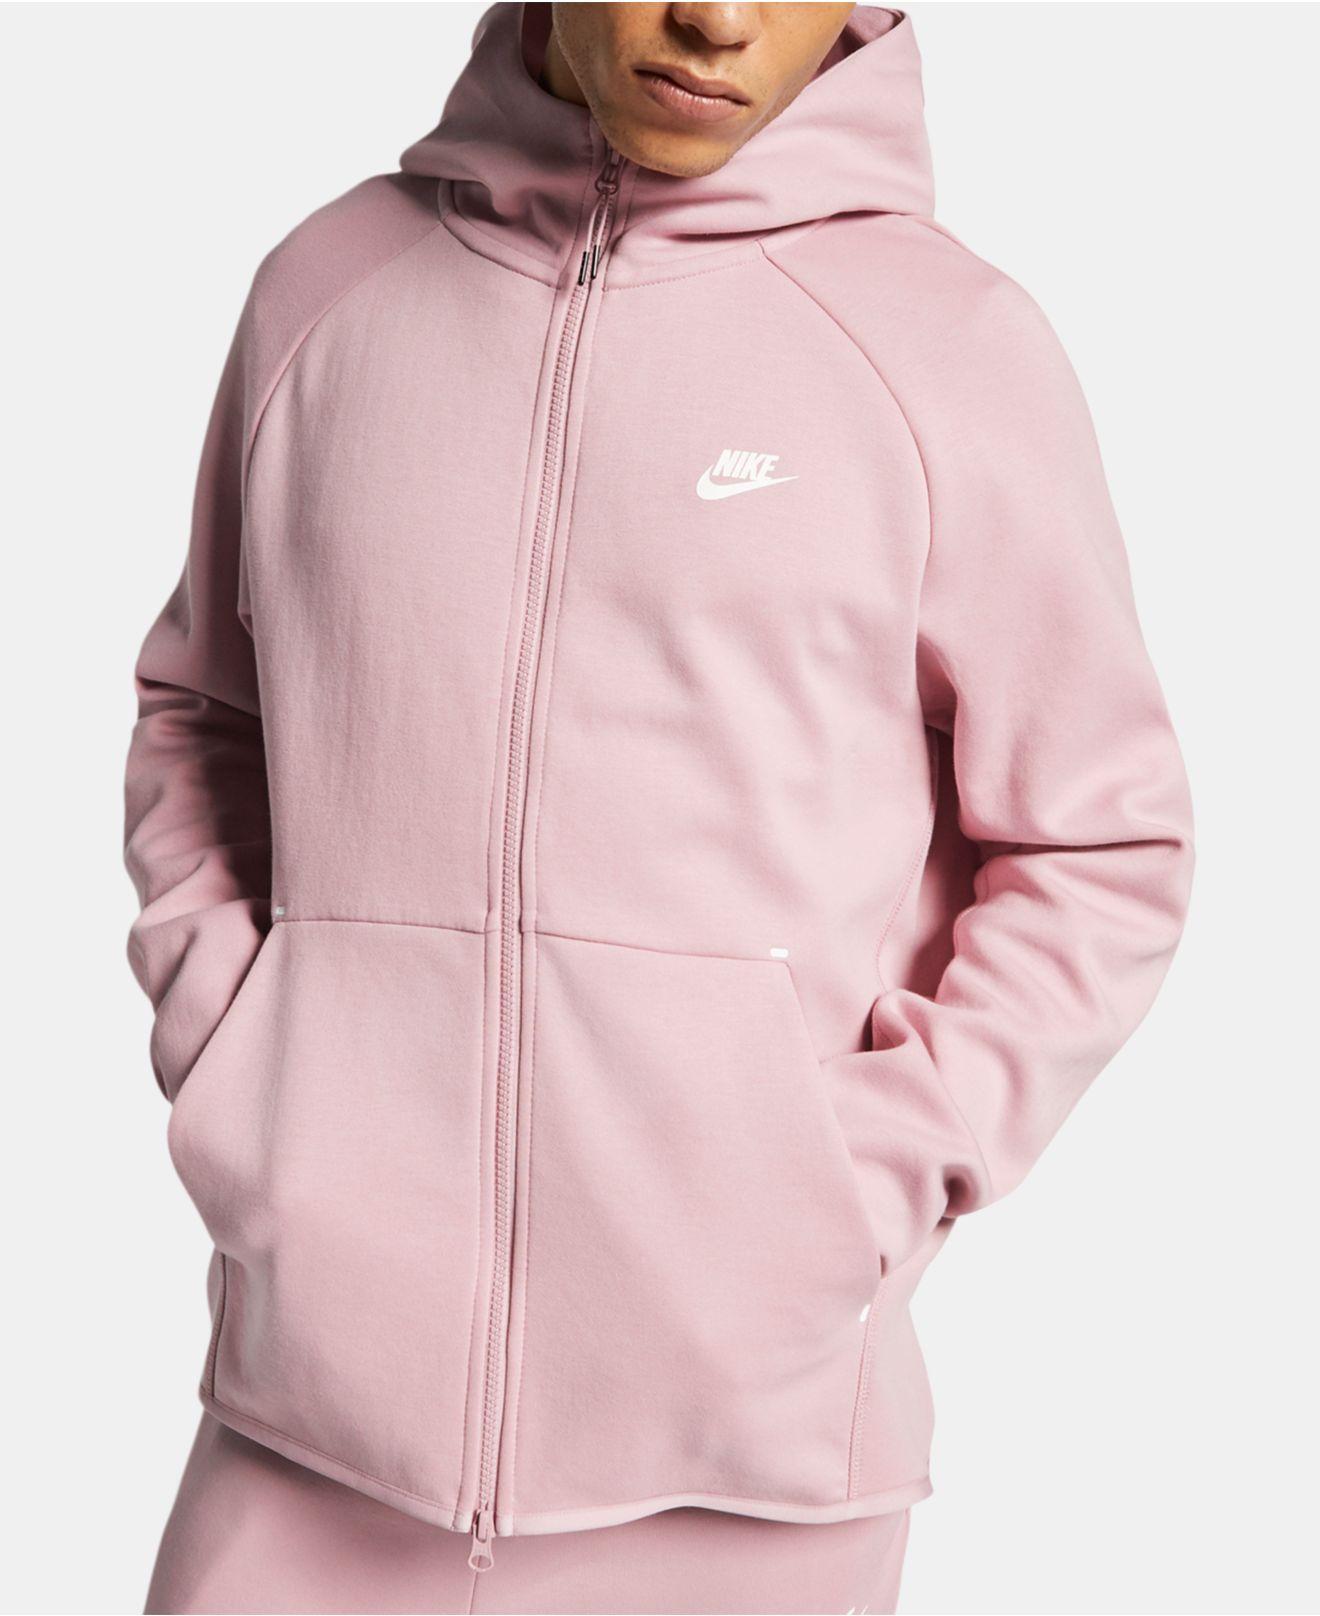 Nike Sportswear Cotton Blend Tech Fleece Zip Up Hoodie In Lilac Pink For Men Lyst